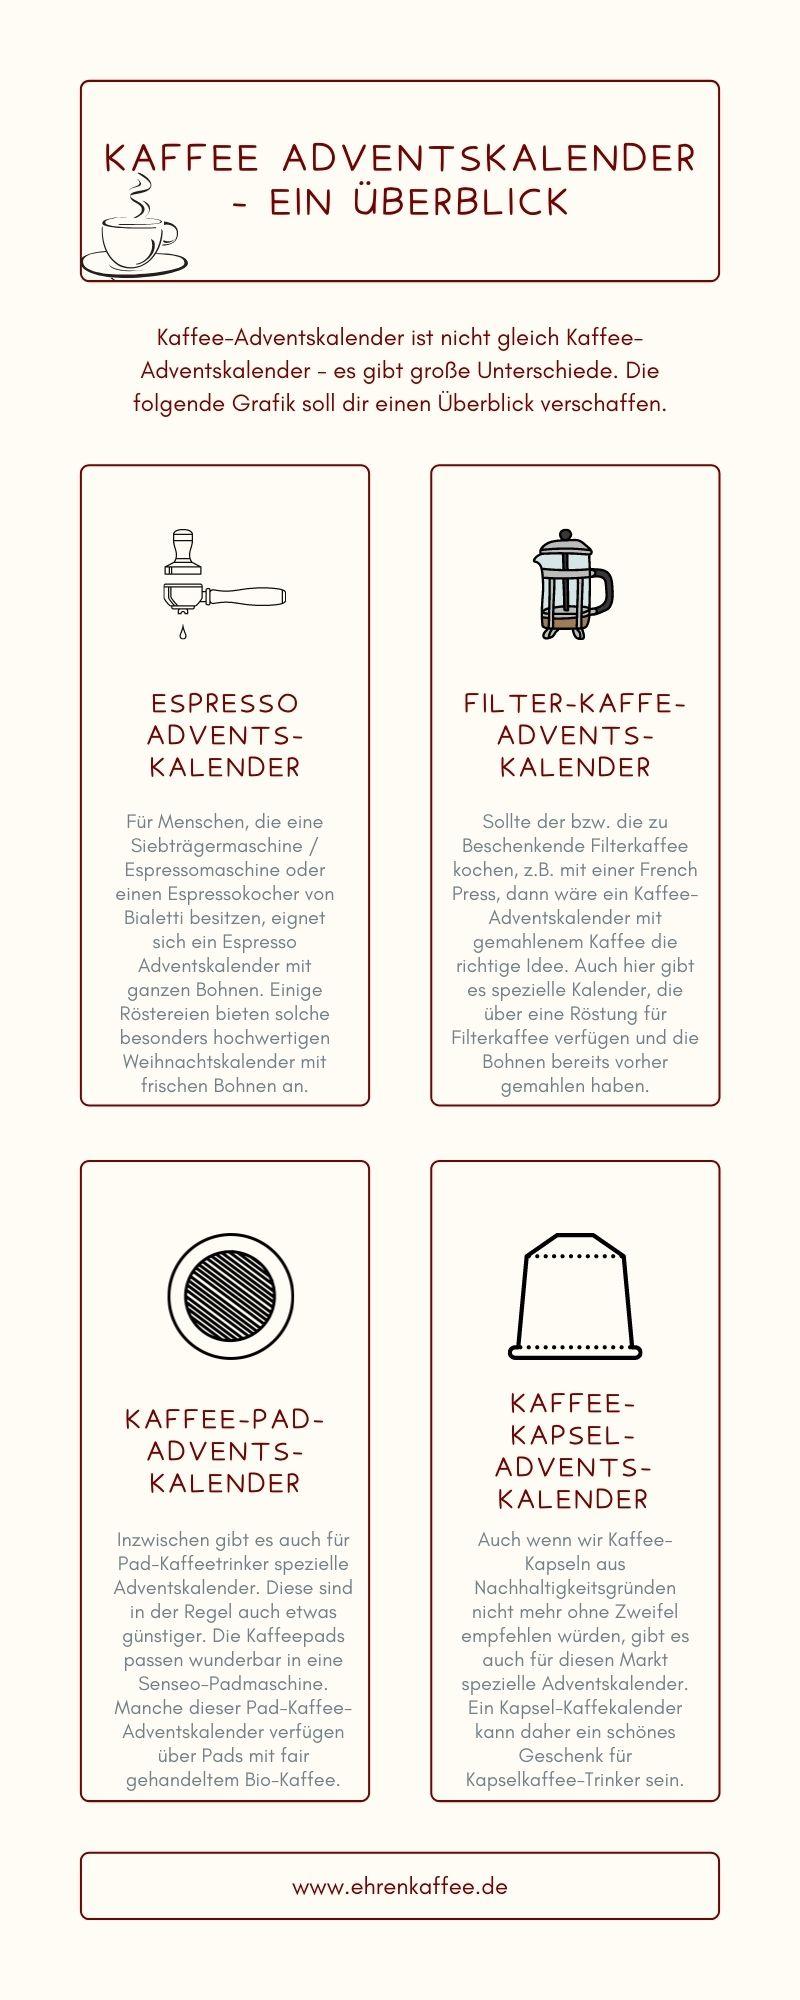 Infografik zu den Unterschieden bei Kaffee Adventskalendern